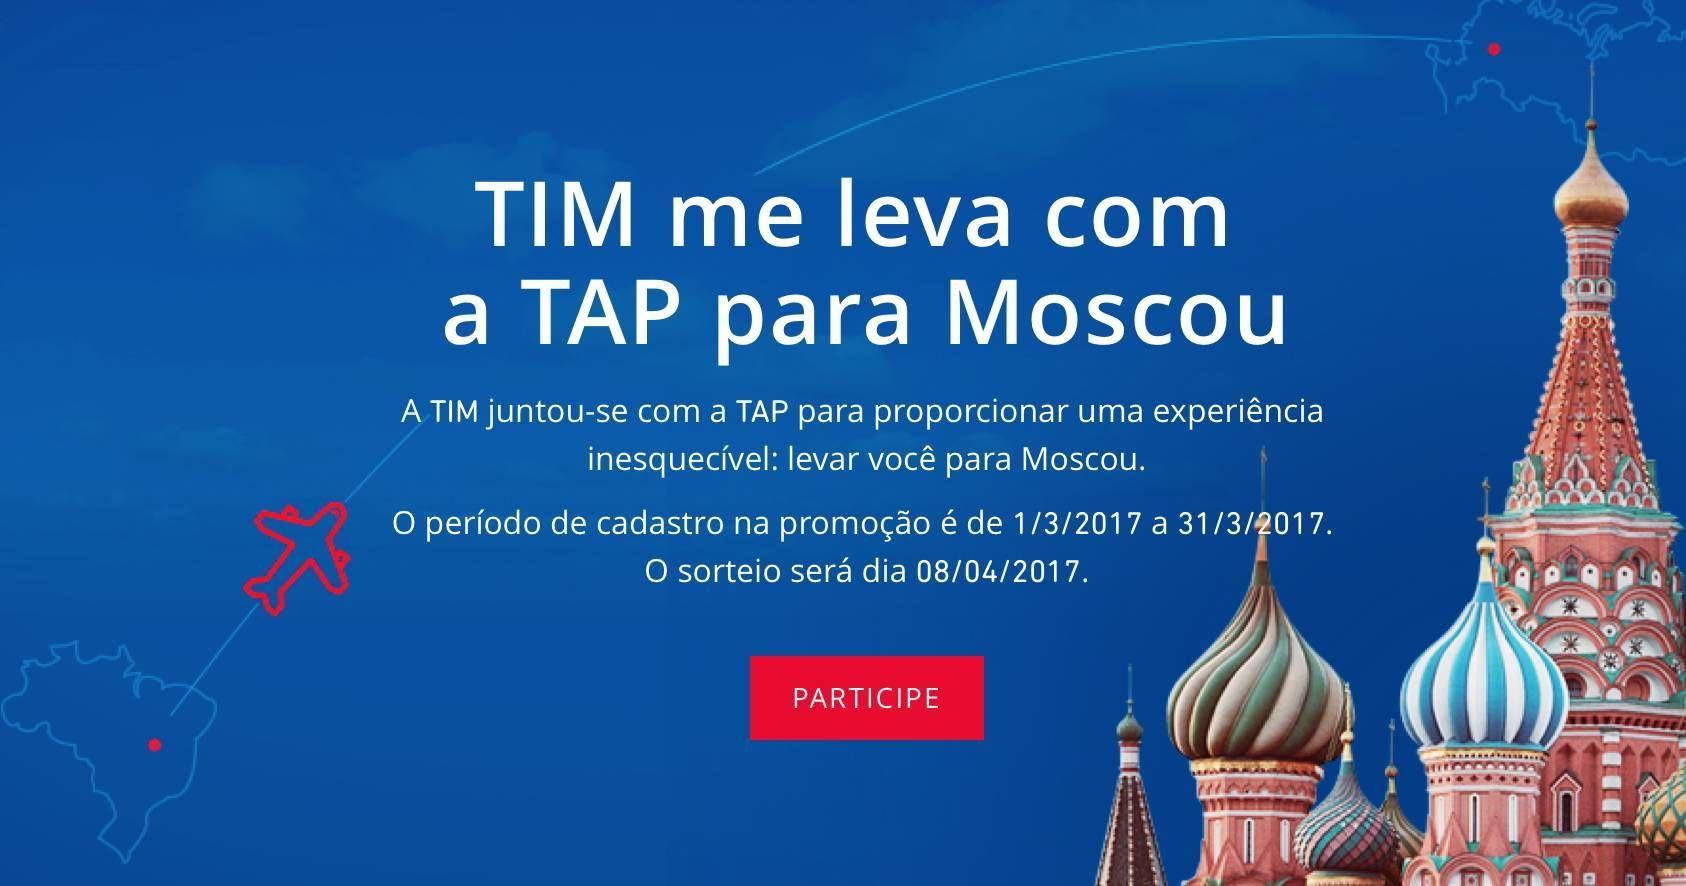 TIM e TAP vão sortear uma viagem para Europa com hospedagem e passagens em classe executiva